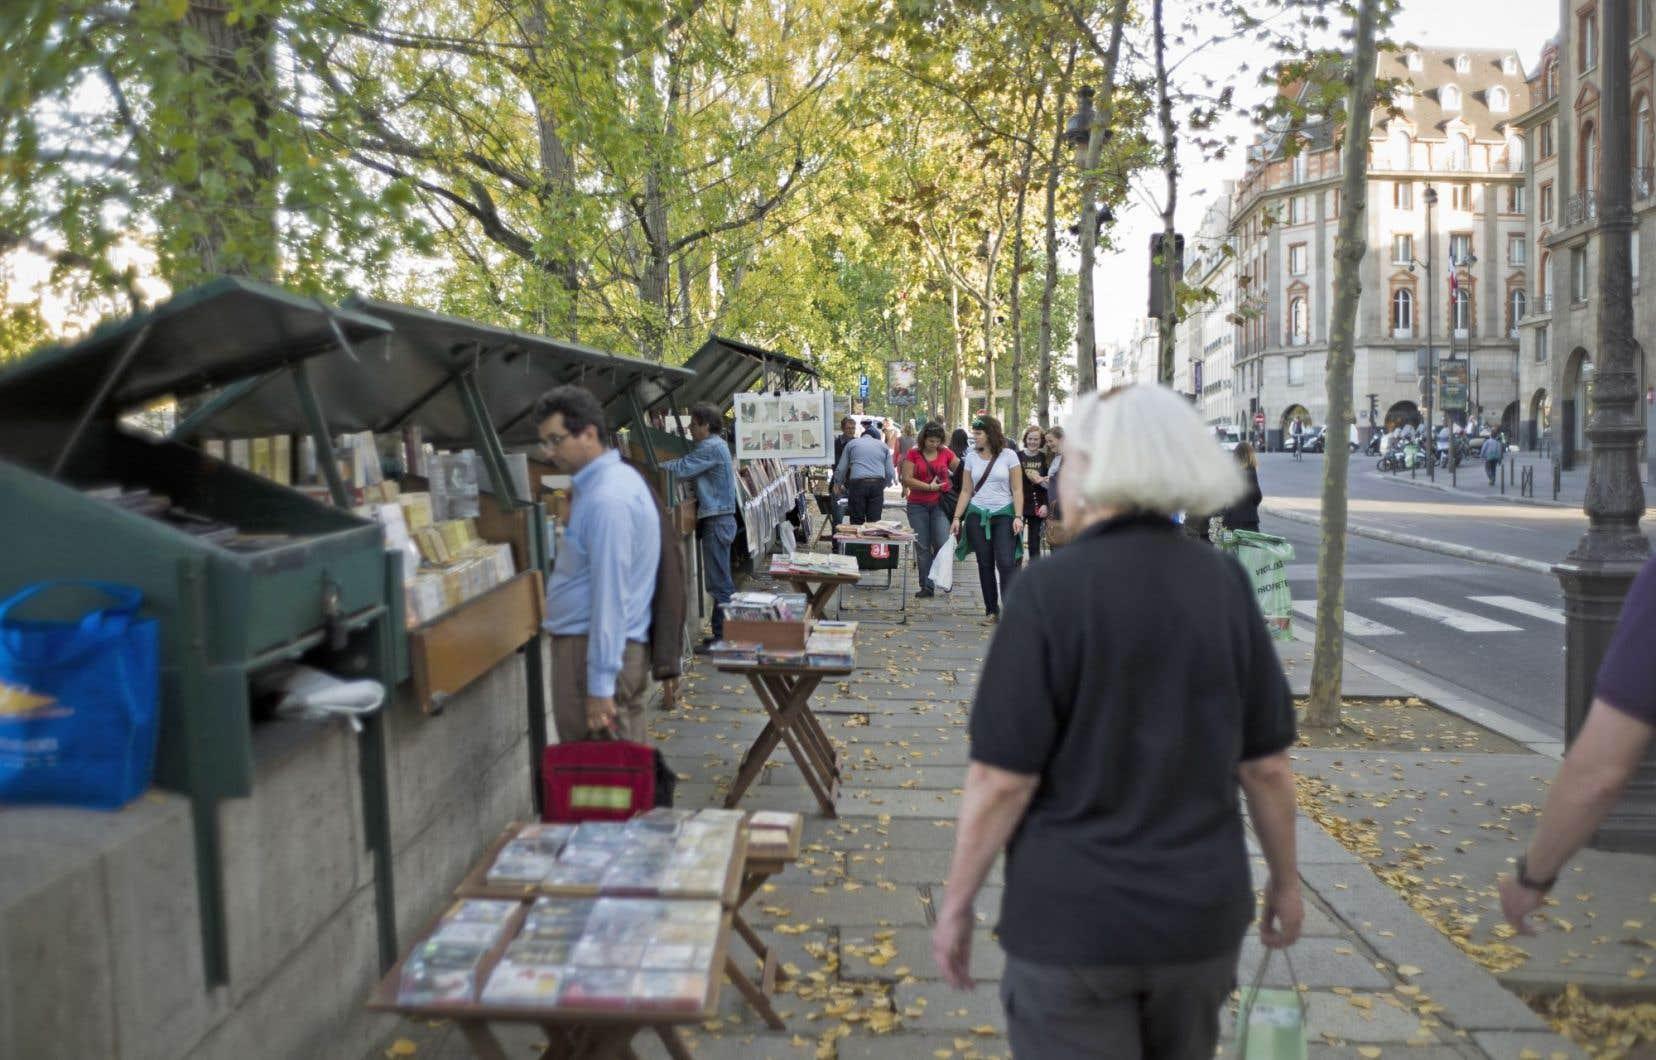 Les bouquinistes ne veulent pas troquer leurs livres contre des babioles pour les touristes.